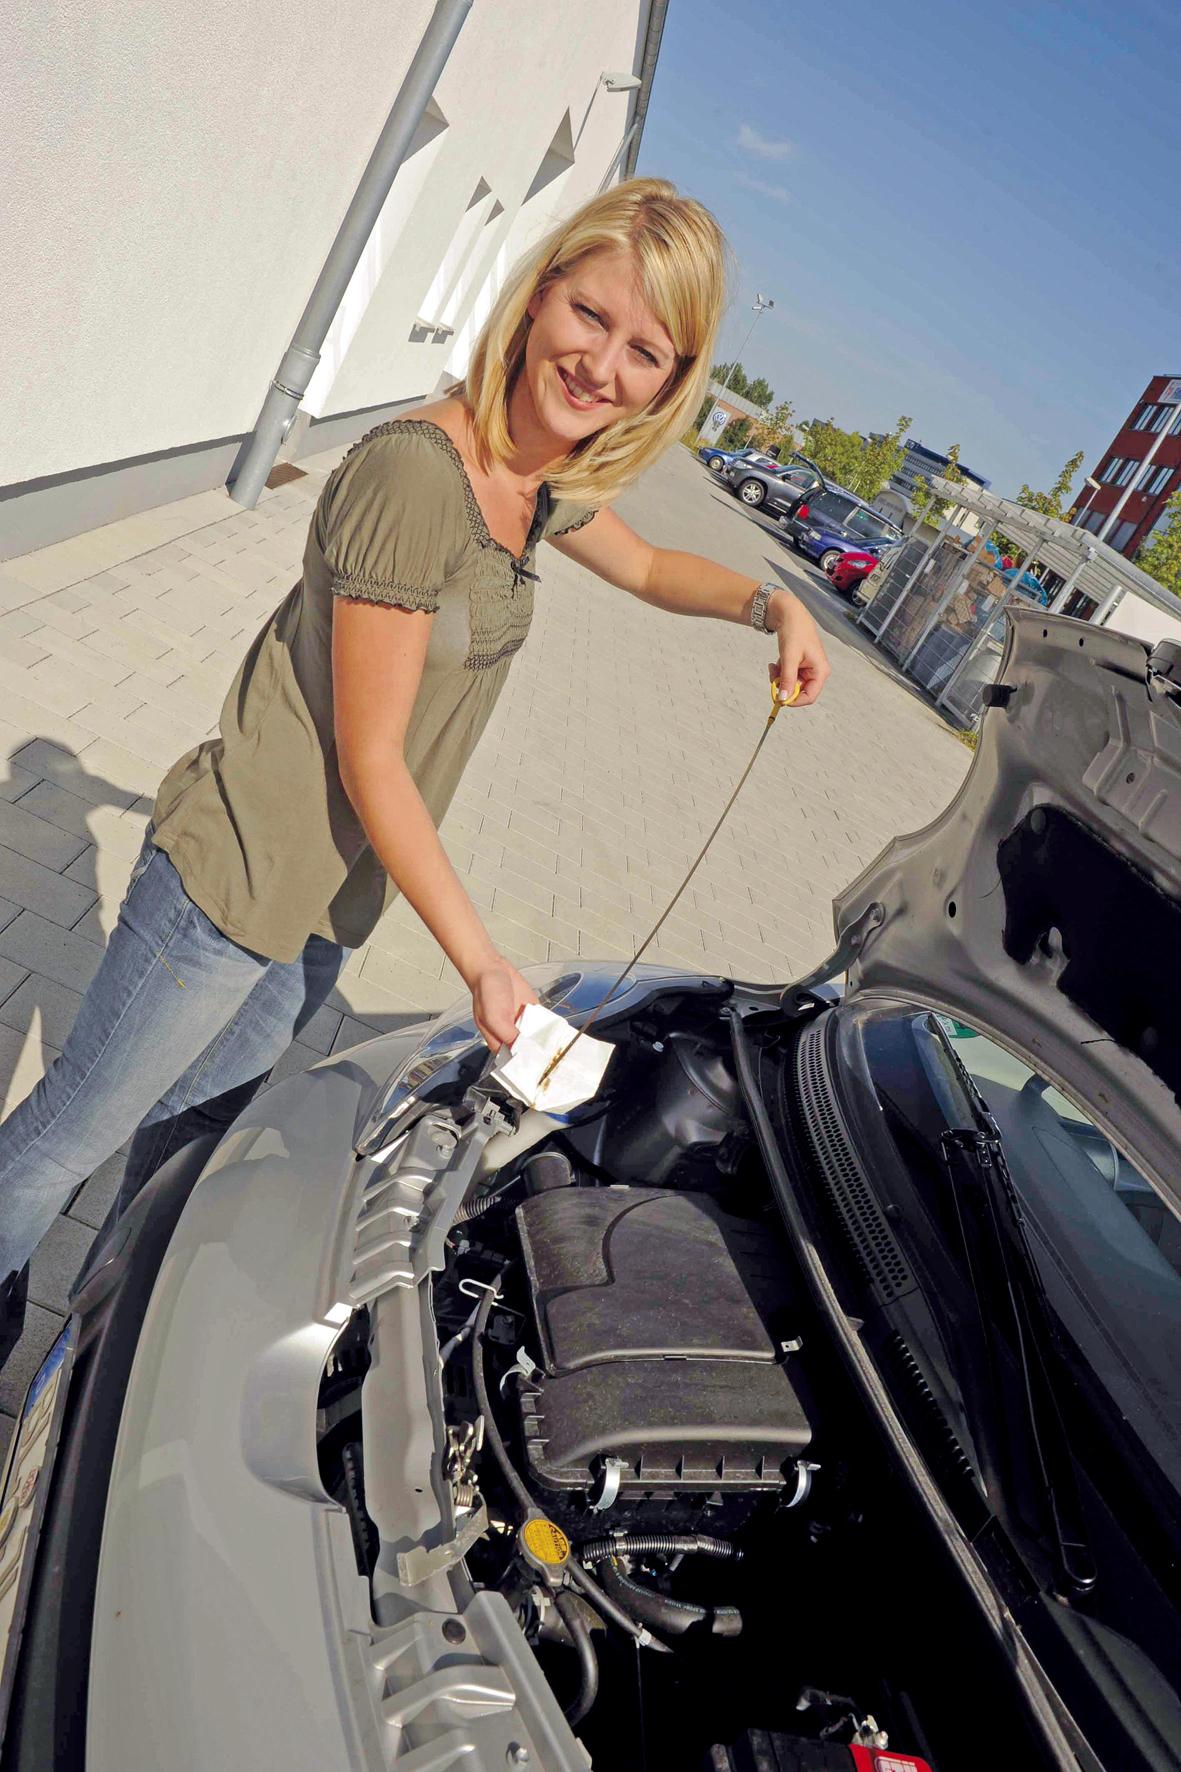 mid Groß-Gerau - Immer mehr deutsche Autofahrer führen Wartungsarbeiten am Pkw selbst durch. Dabei trauen sich viele deutlich mehr zu als nur die Kontrolle oder den Wechsel des Motoröls.